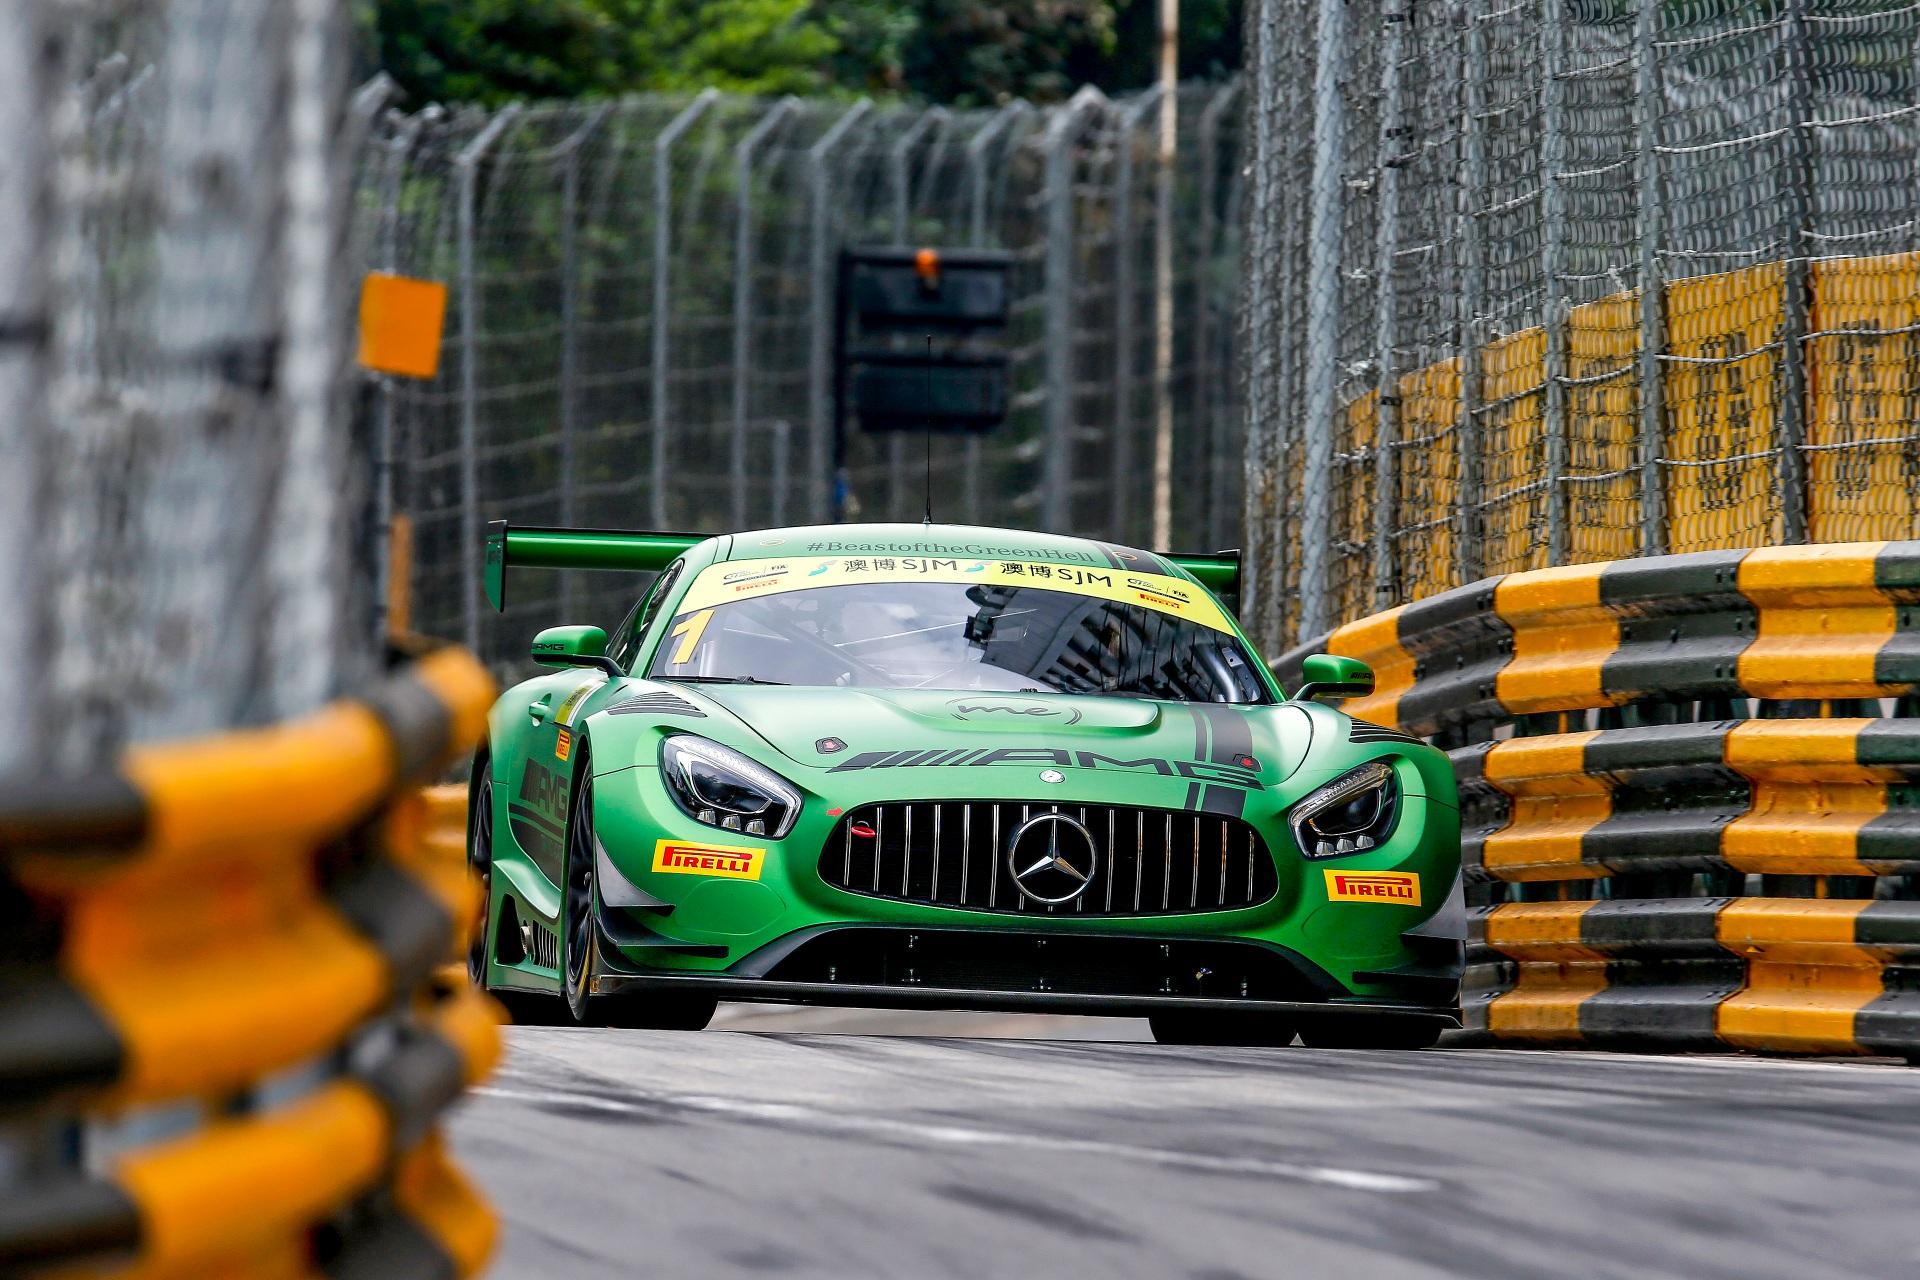 FIA GT World Cup 2016: Rang 3 und 6 für Mercedes-AMG beim FIA GT World Cup in Macau